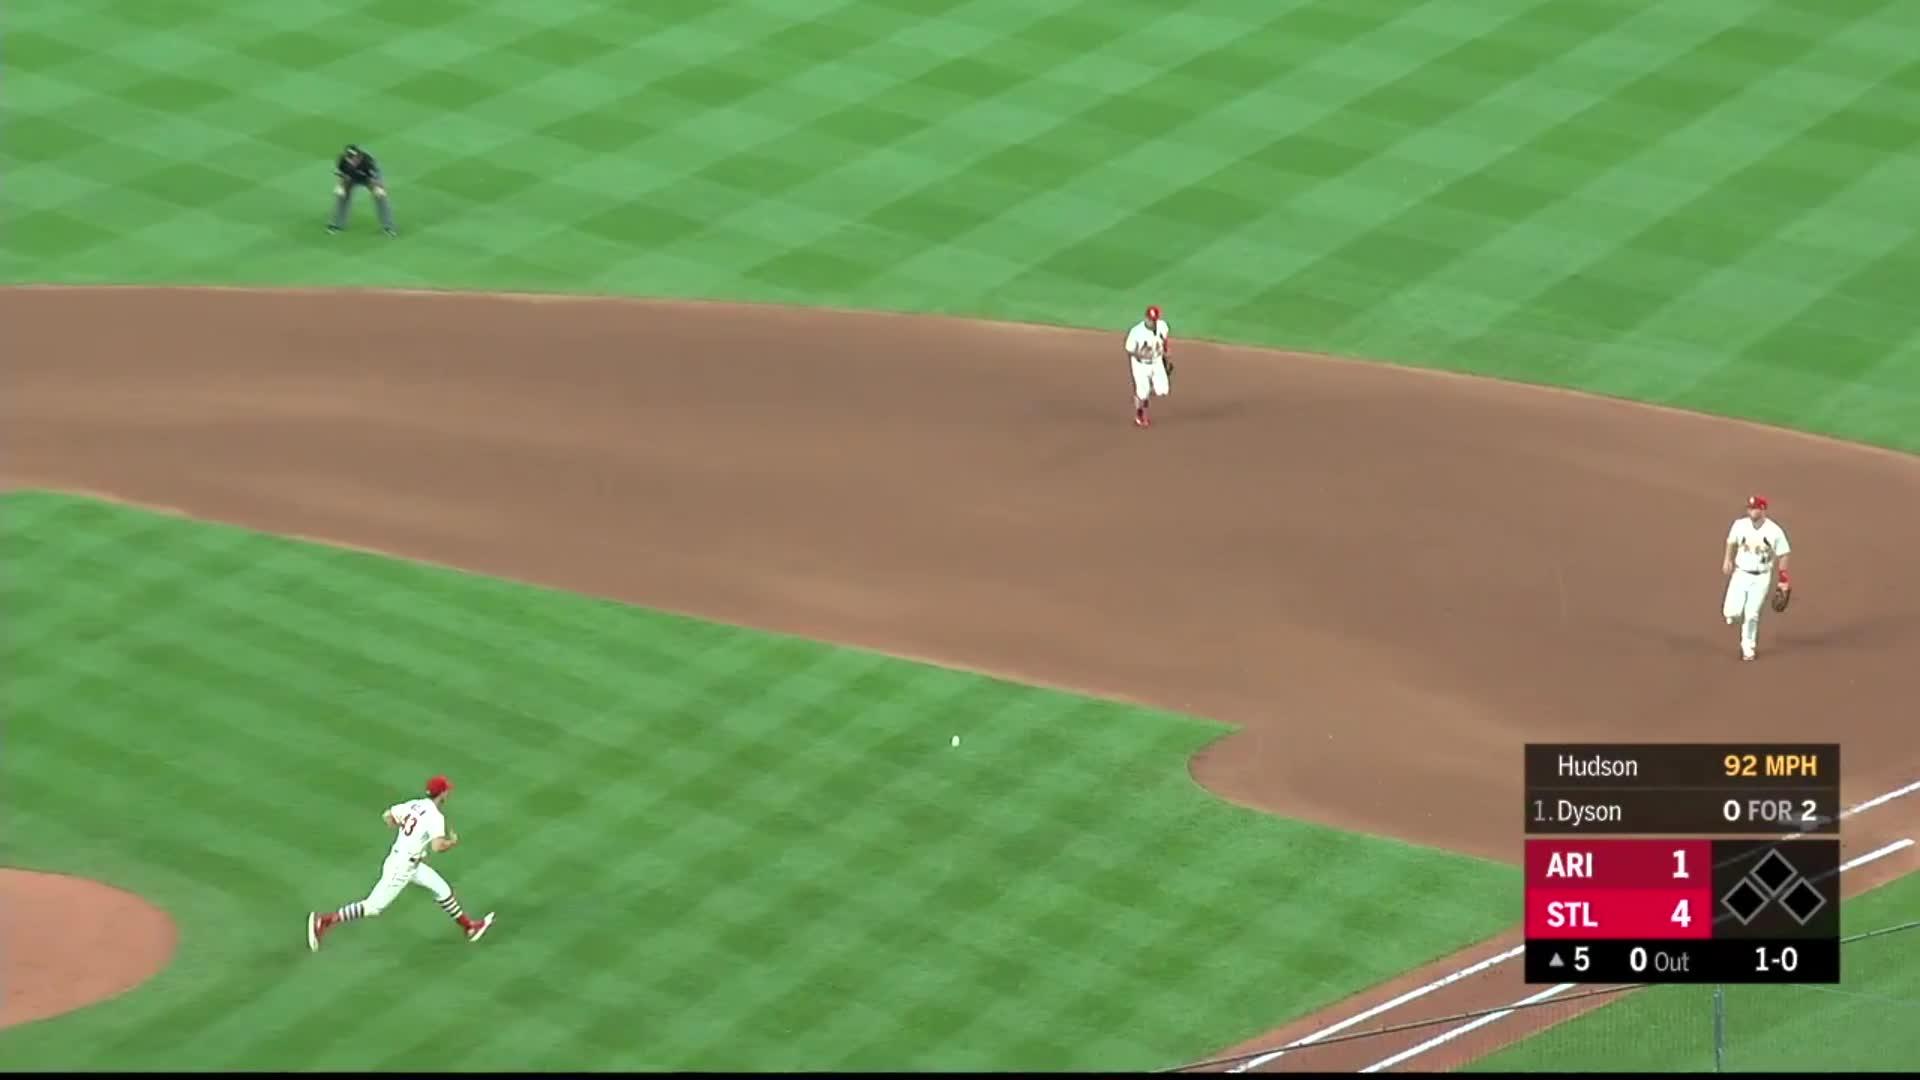 arizona diamondbacks, baseball, cardinals, st. louis, Kolten Wong flips ball to Goldy, Paul kicks it. GIFs